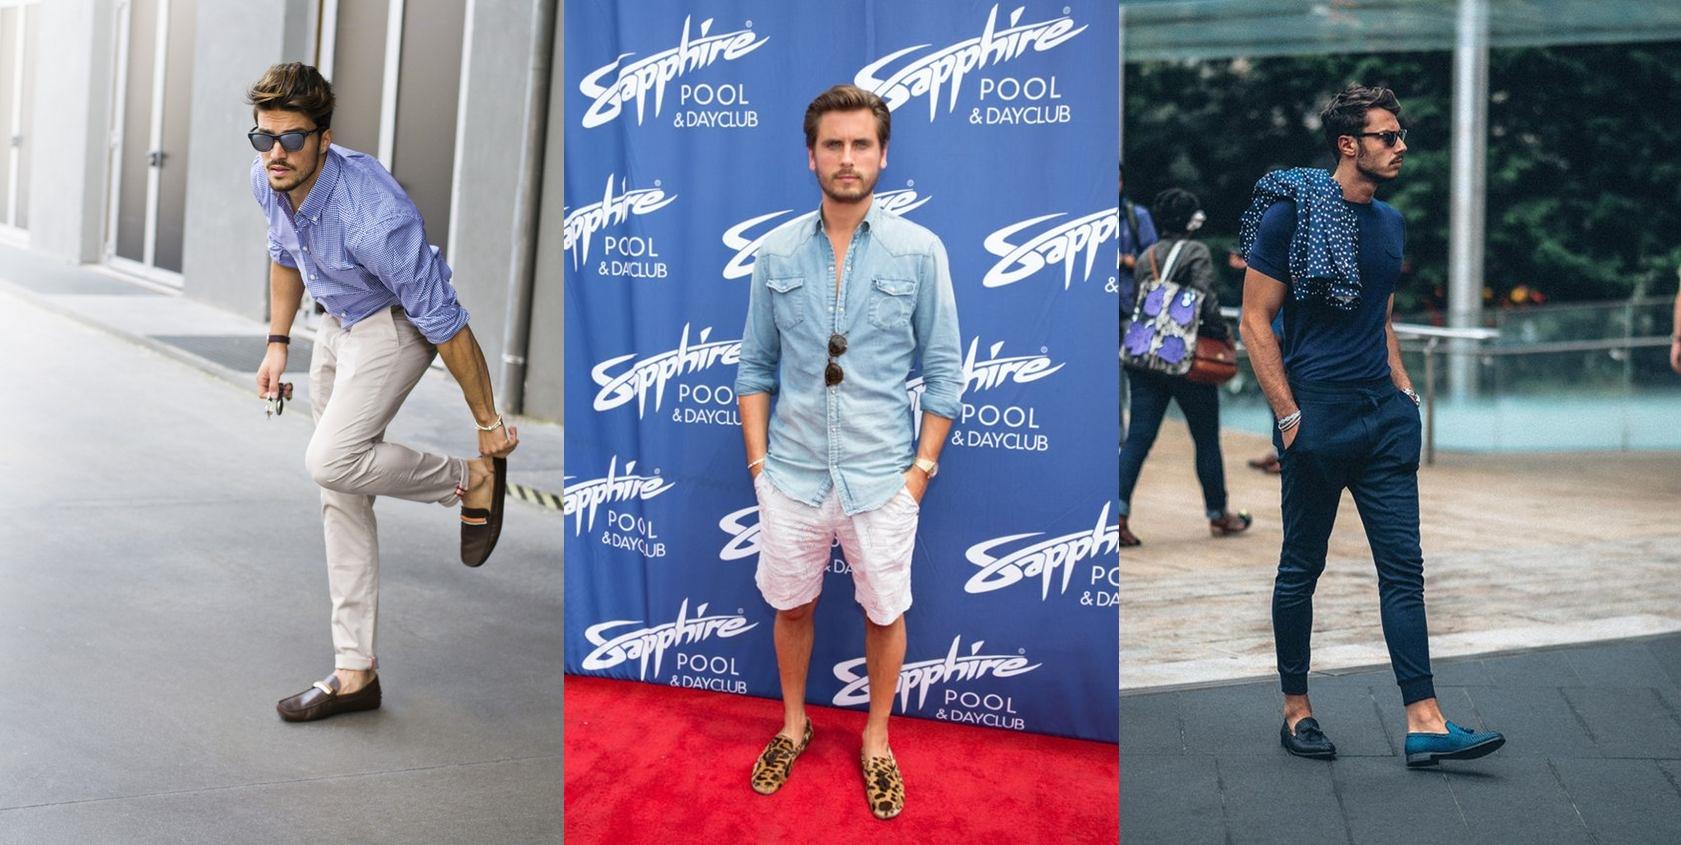 calcado-masculino-2017-calcado-masculino-verao-como-usar-mocassim-alpargatas-chinelo-slide-alex-cursino-moda-sem-censura-blog-de-moda-dicas-de-moda-4